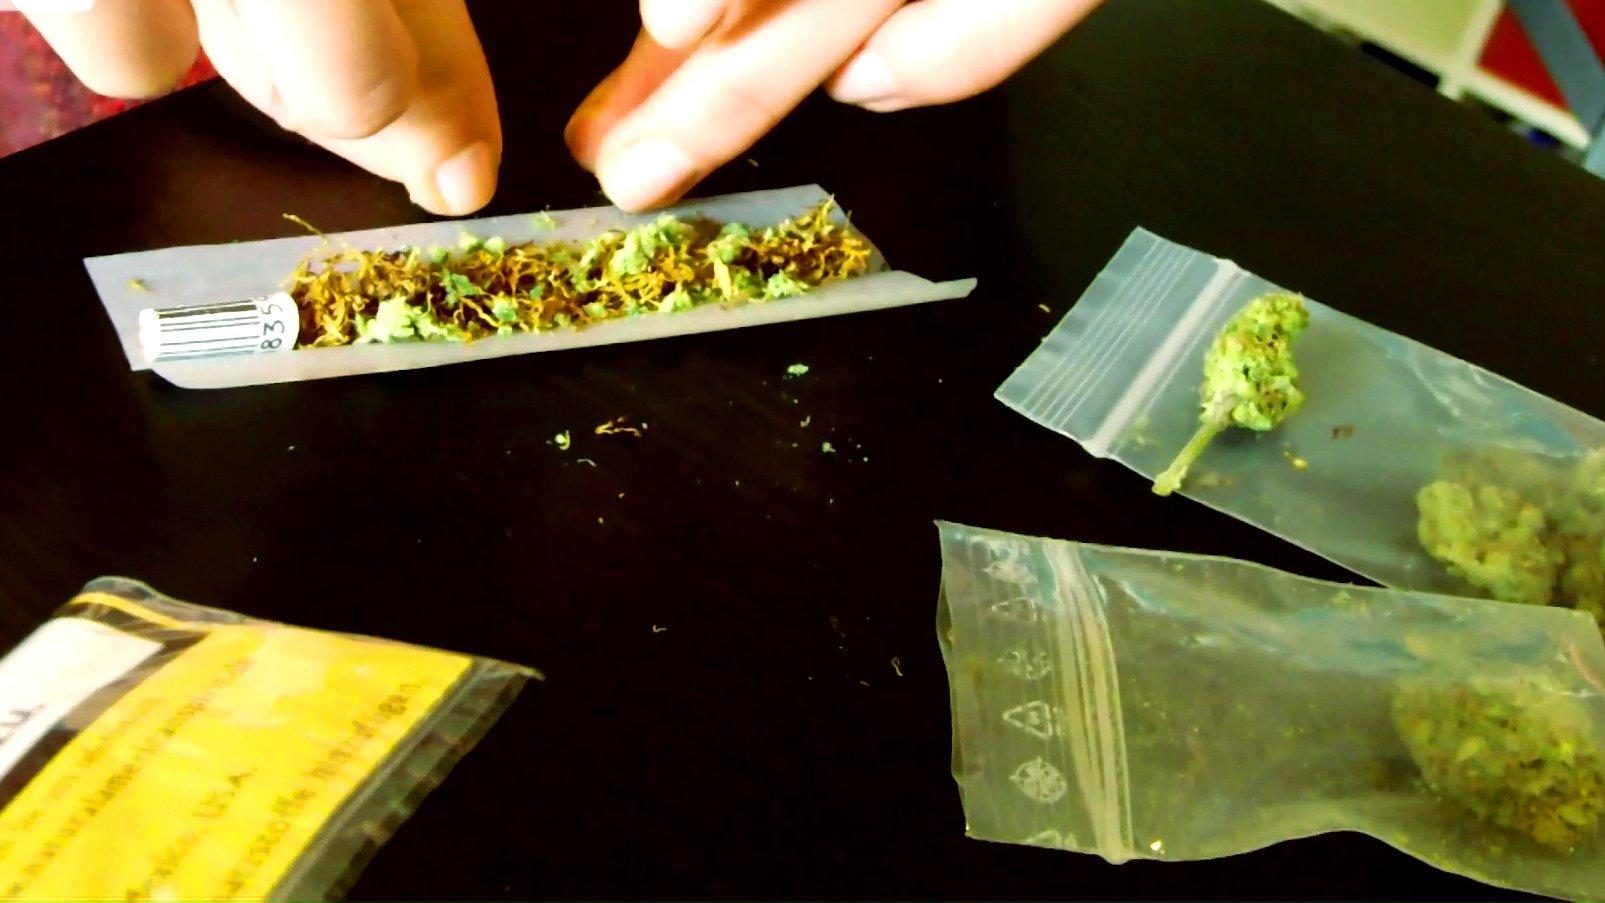 Eine Frau dreht einen Joint mit Cannabis und Tabak.